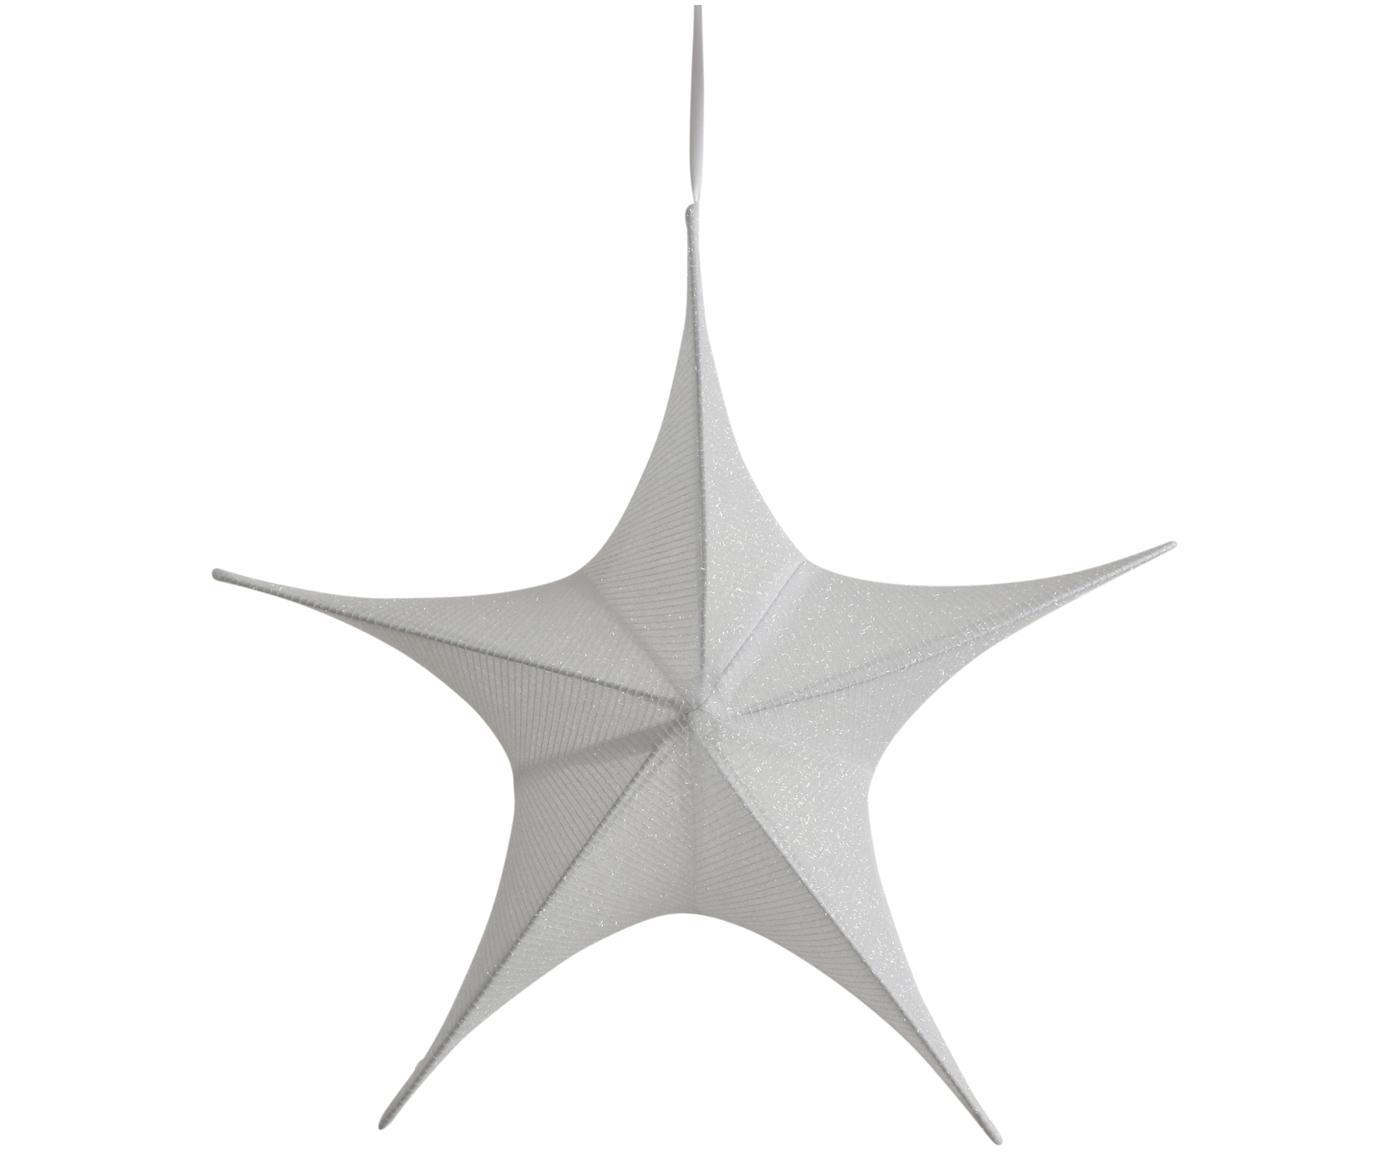 Adorno navideño Kamilla, Funda: poliéster, Estructura: metal, Blanco, Al 215 cm